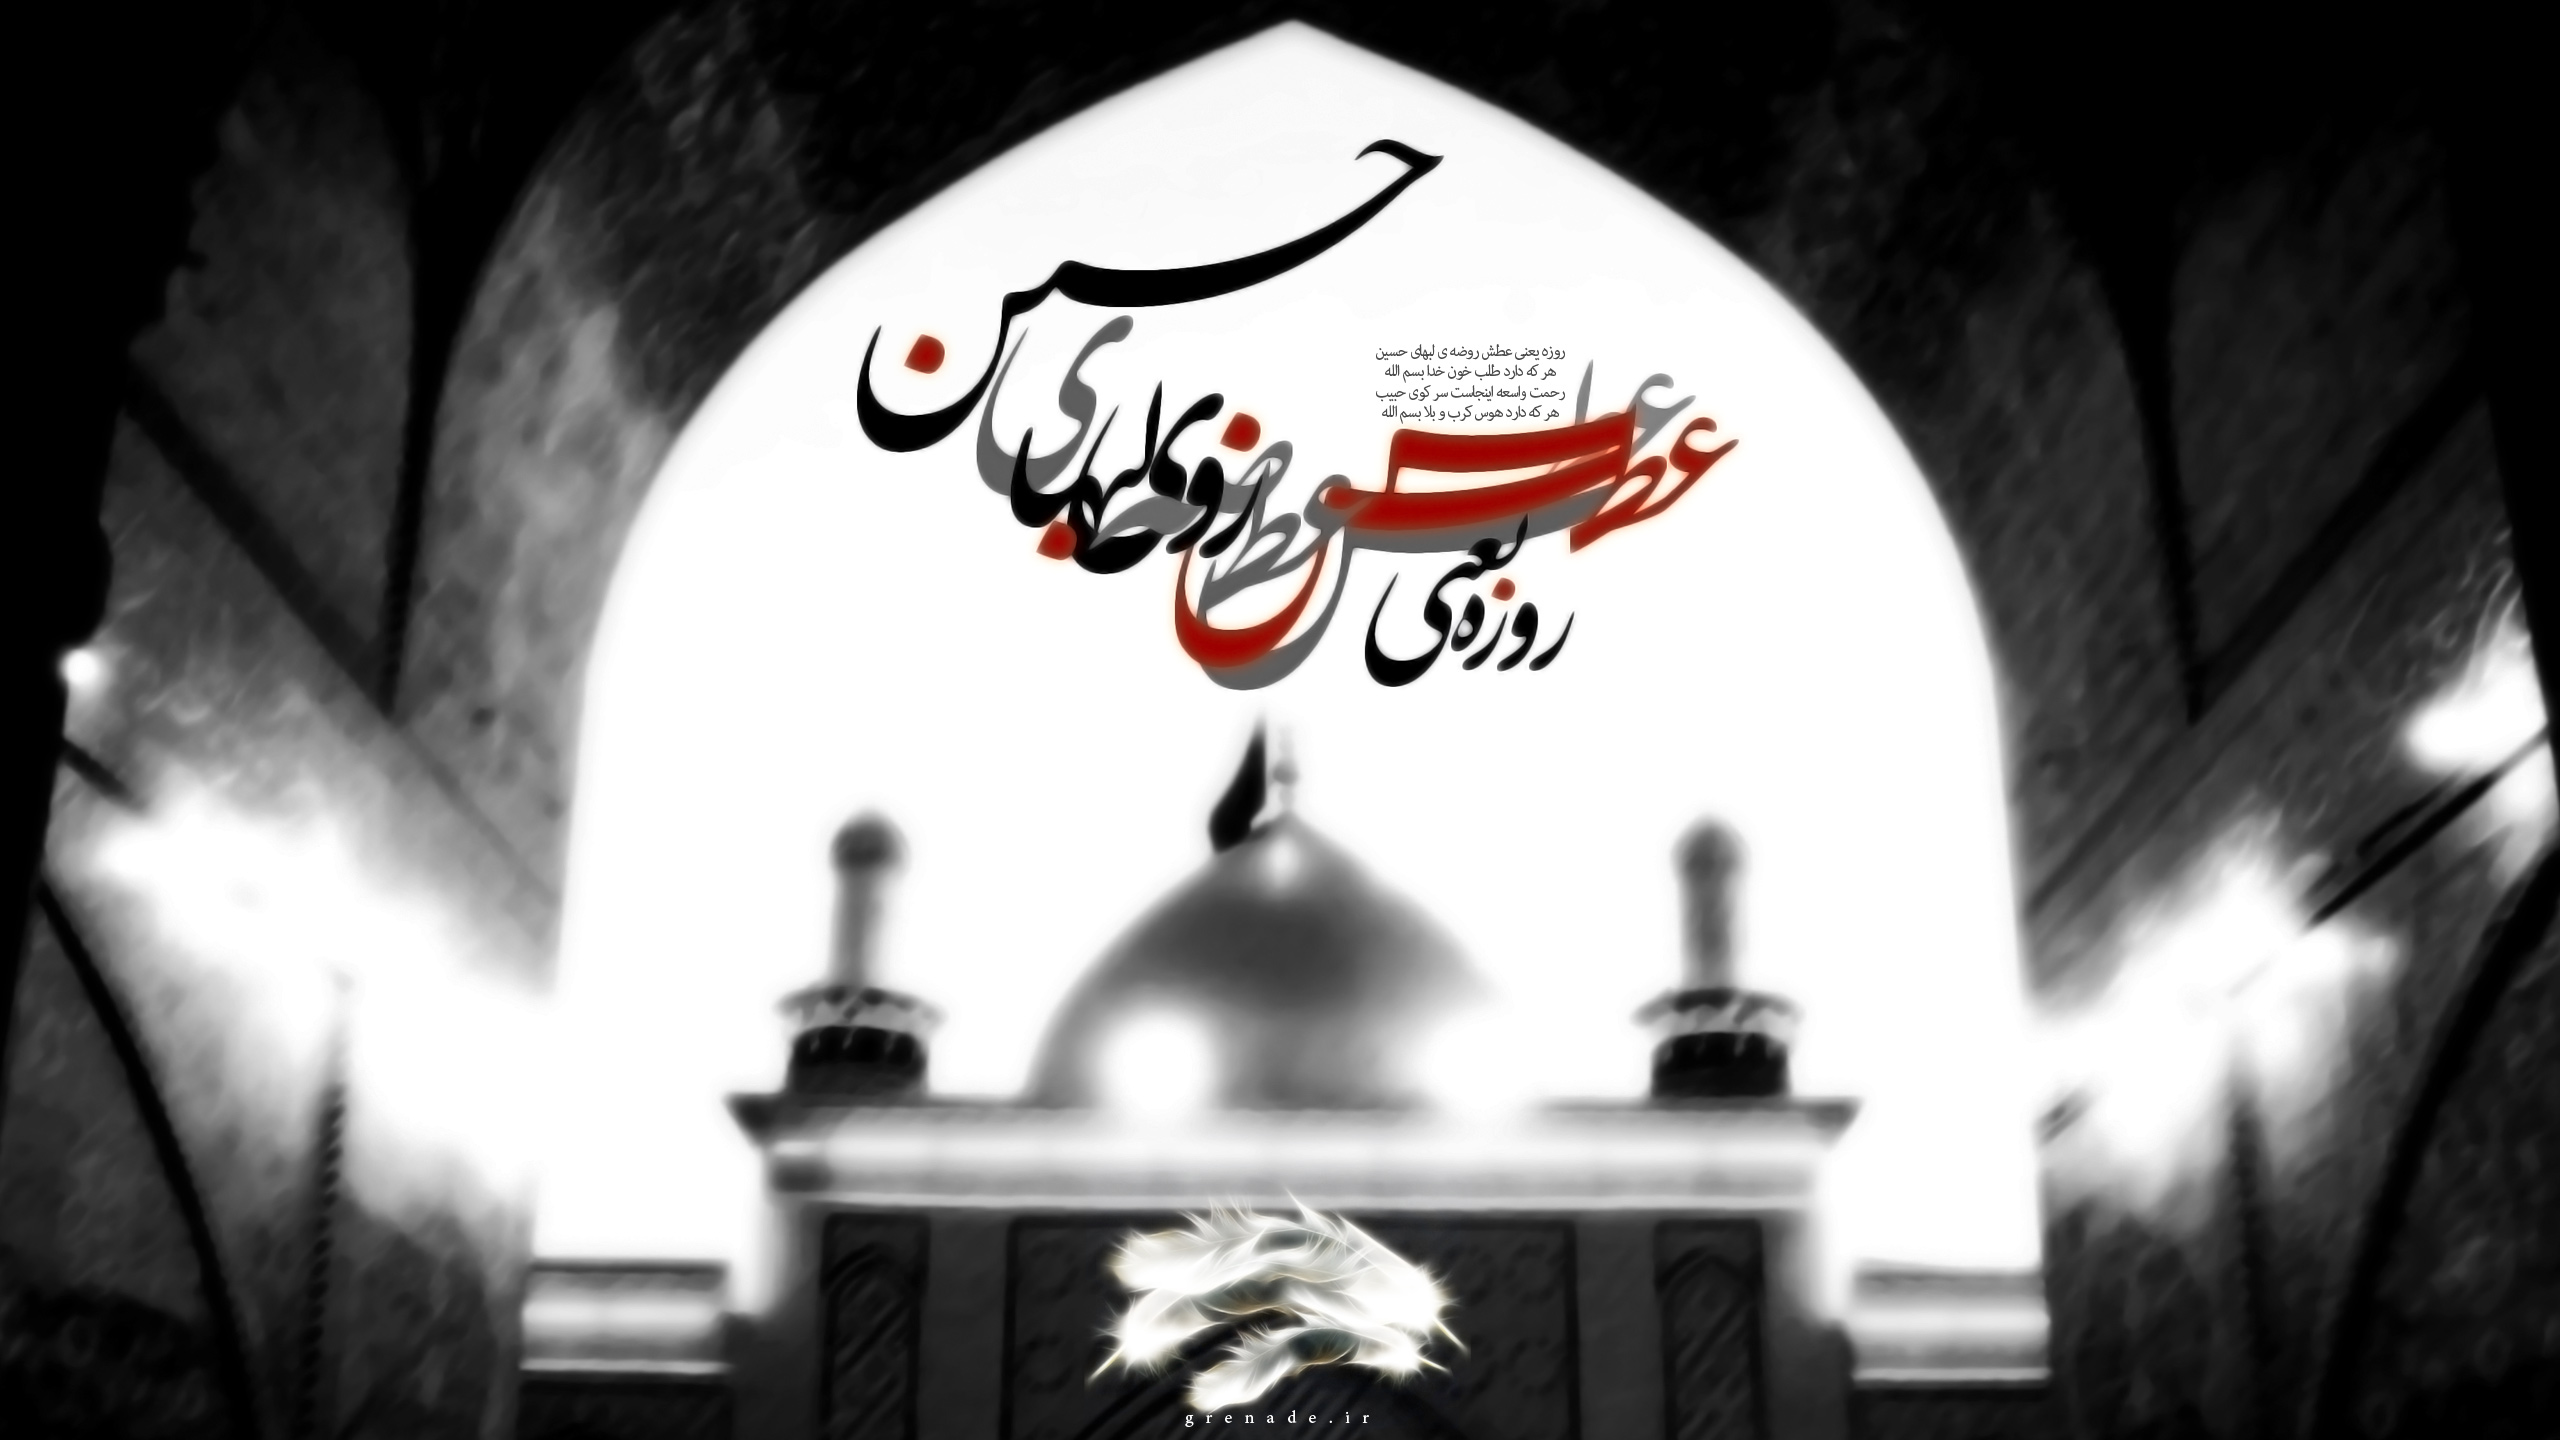 http://rozup.ir/up/mjbasaer/Post/1394/Moharram/Backgrounds/30.jpg